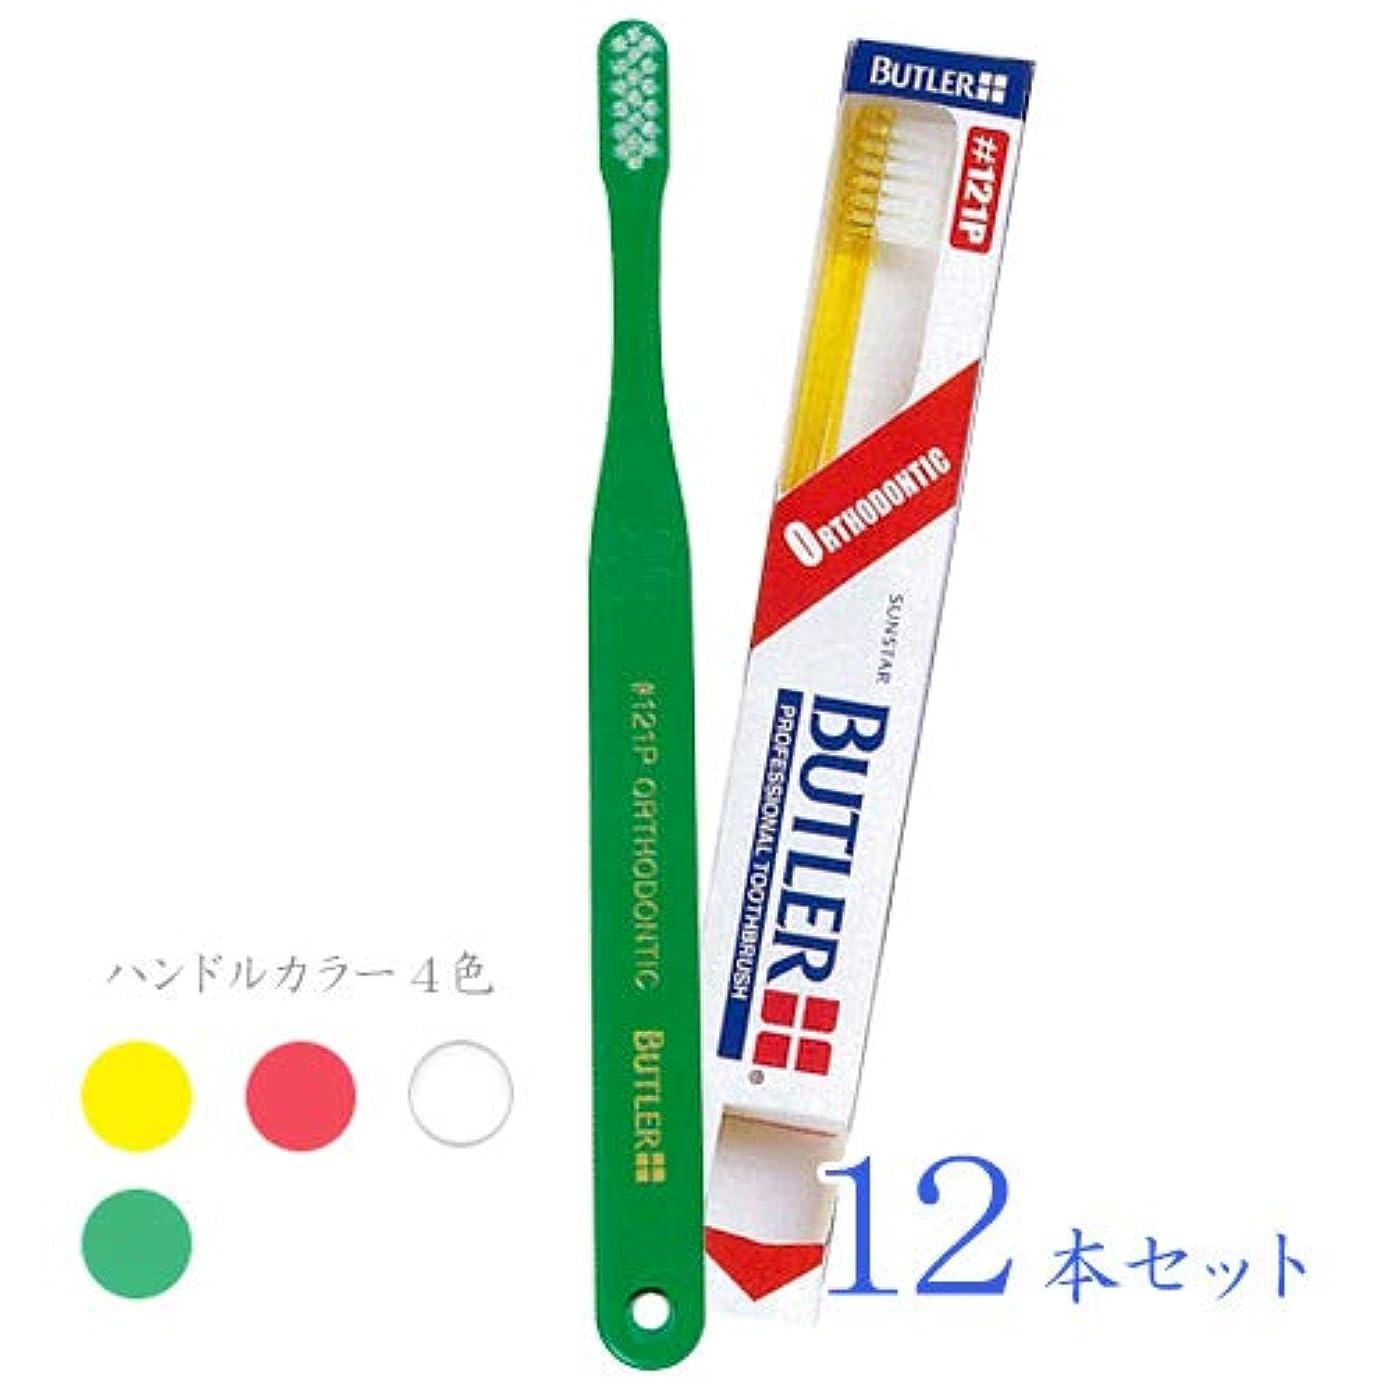 変位紳士気取りの、きざな追加するバトラー 歯ブラシ #121P 12本入